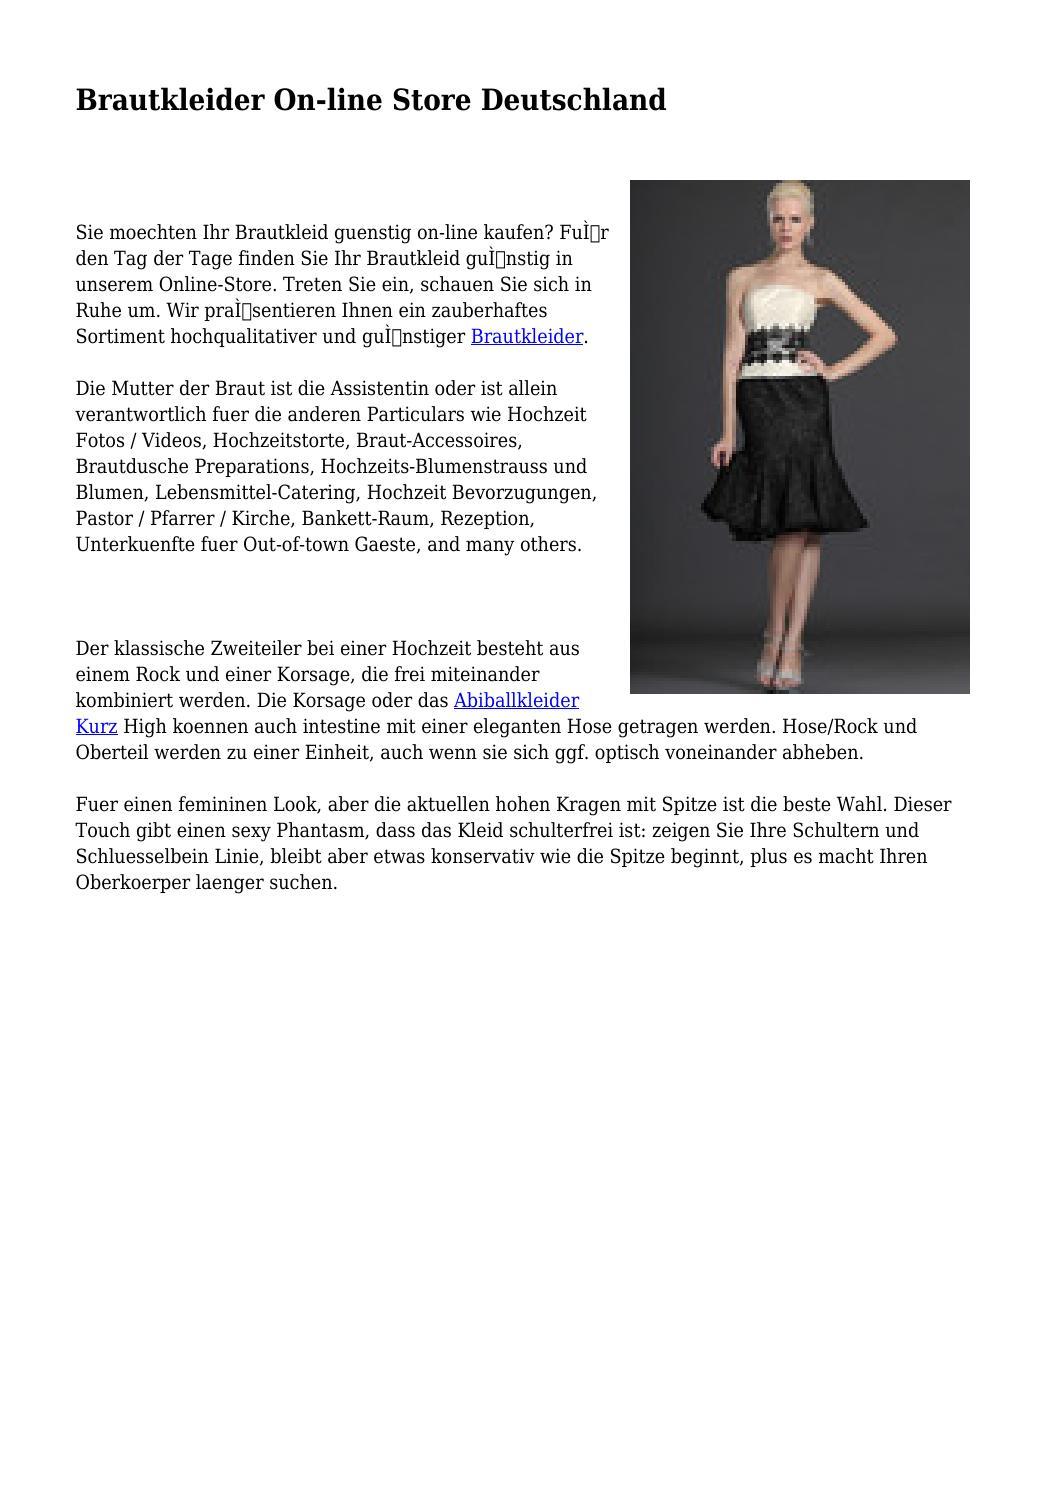 brautkleider on-line store deutschlandcurlyneophyte2463